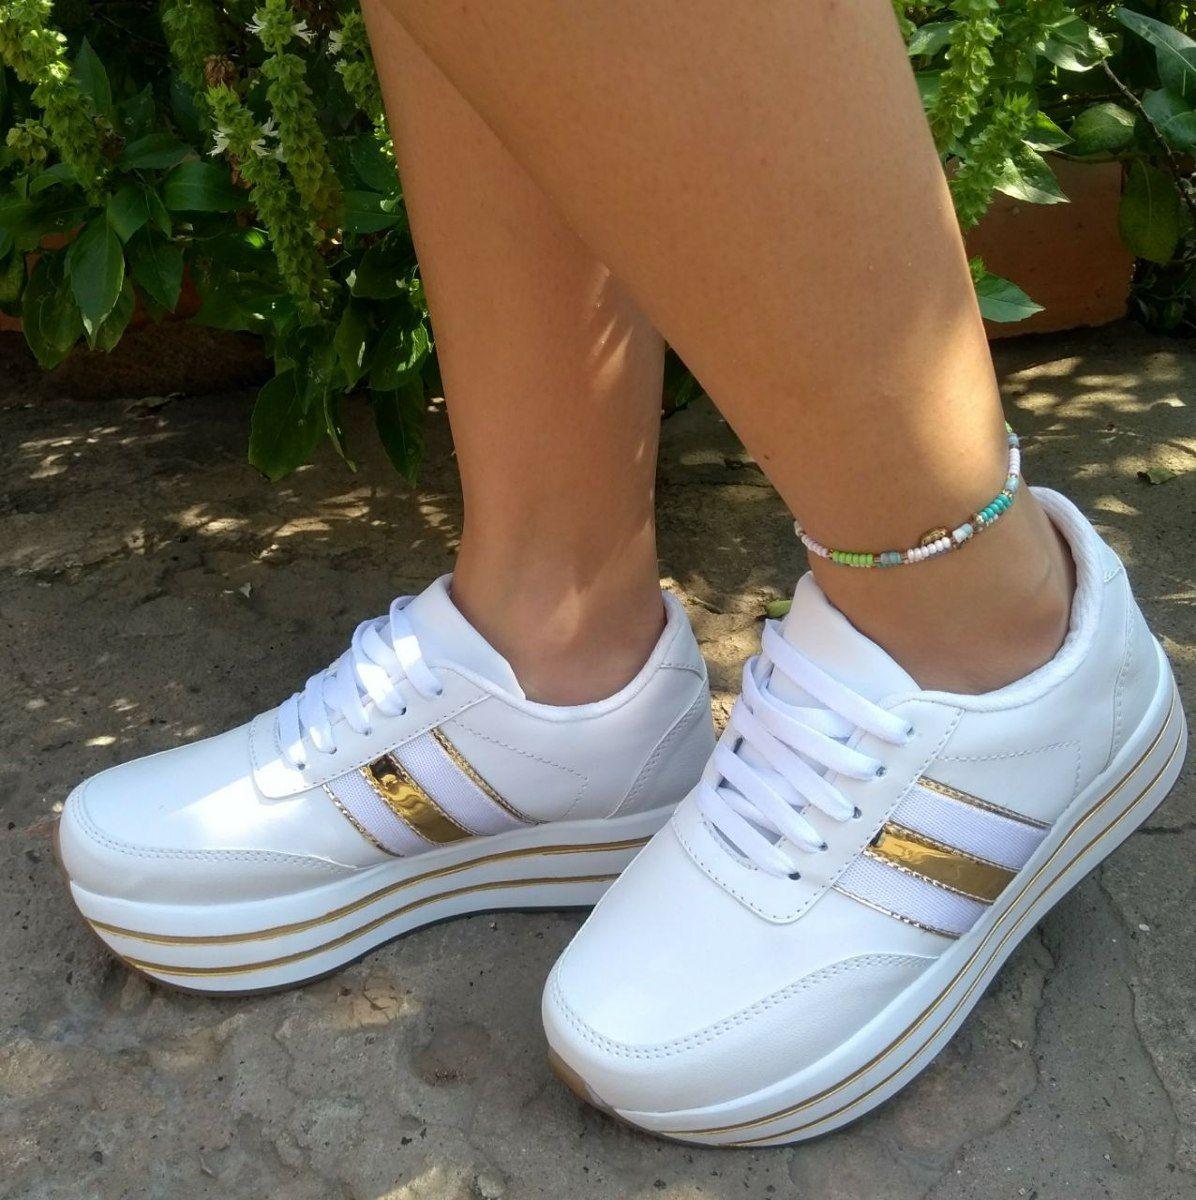 38e9db84293cd MODELOS DE ZAPATOS DEPORTIVOS PARA DAMAS  damas  deportivos  modelos   modelosdezapatos  zapatos